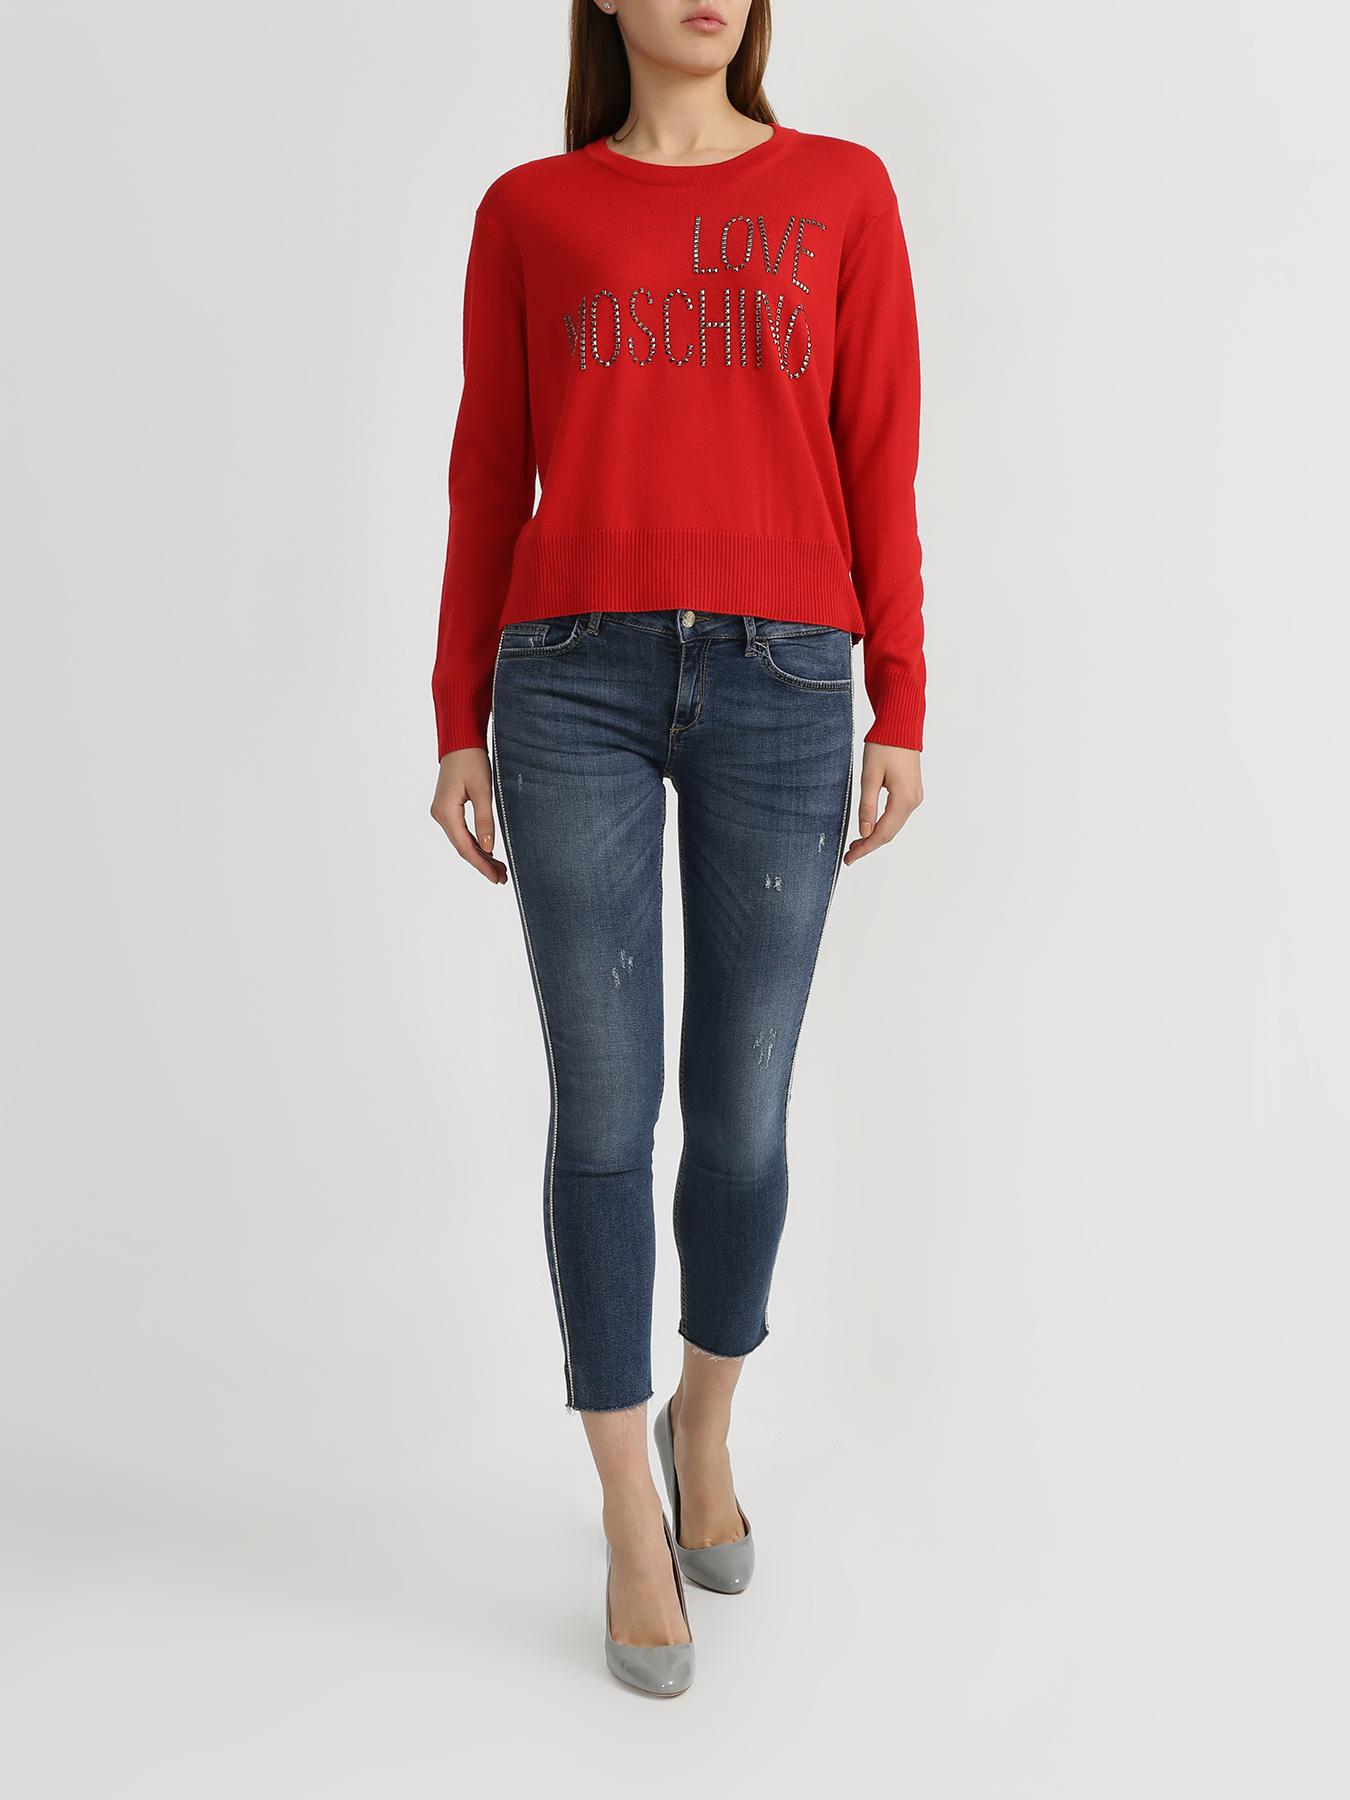 Брюки Liu Jo Укороченные джинсы джинсы lime укороченные джинсы